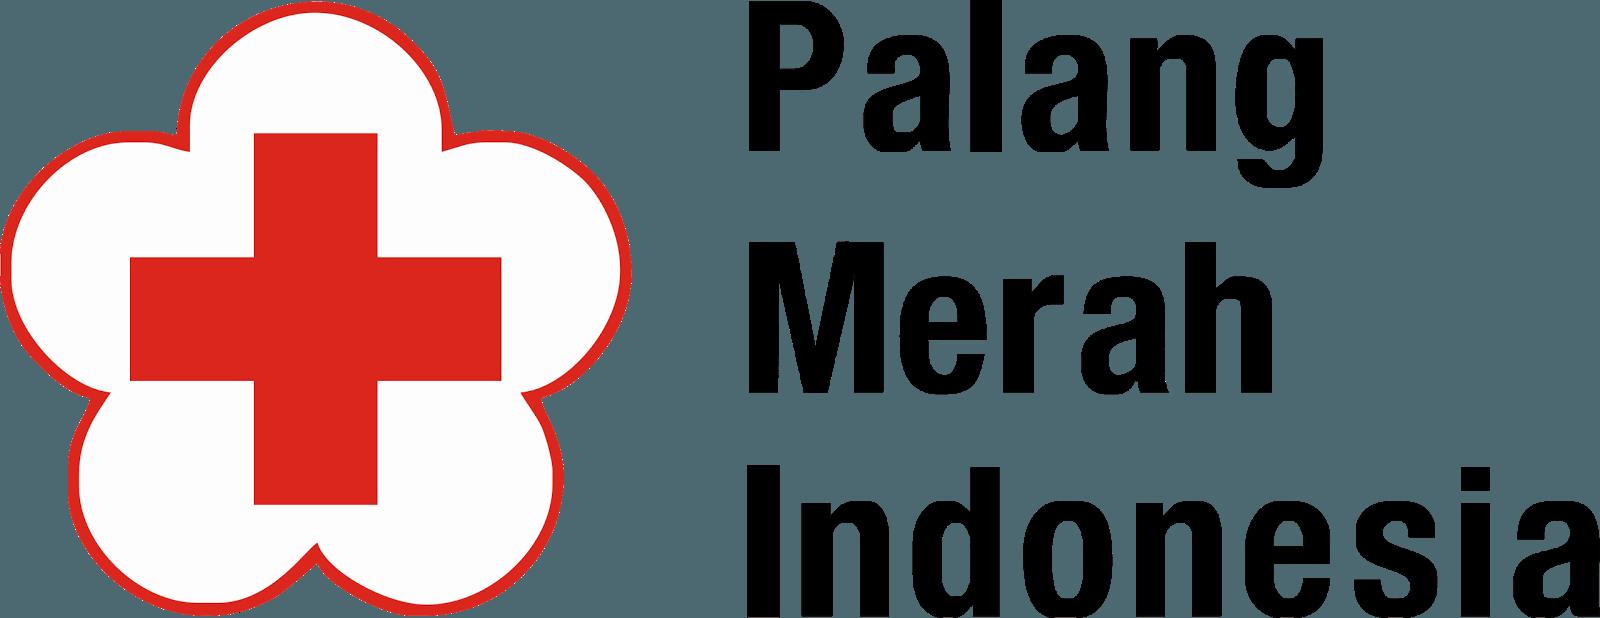 PMI Logo.